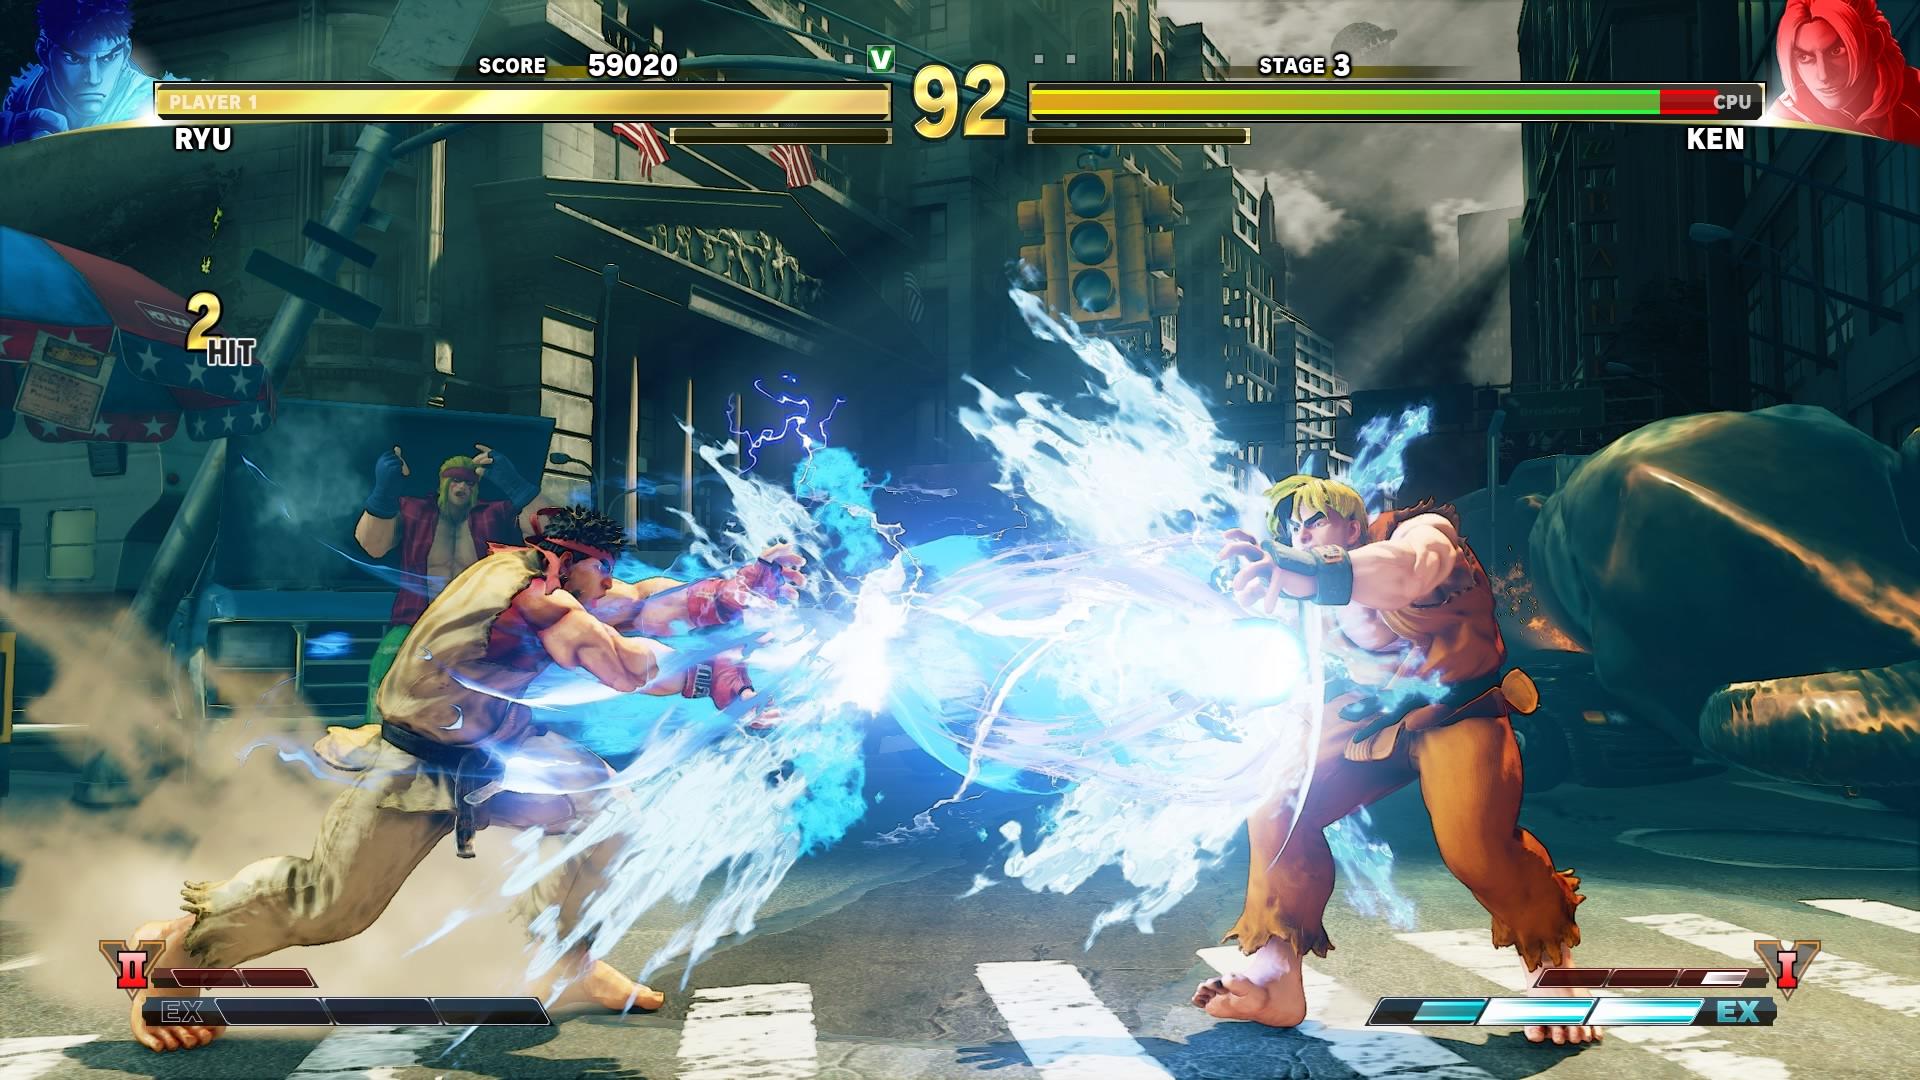 Street Fighter V: Arcade Edition - Street Fighter 5